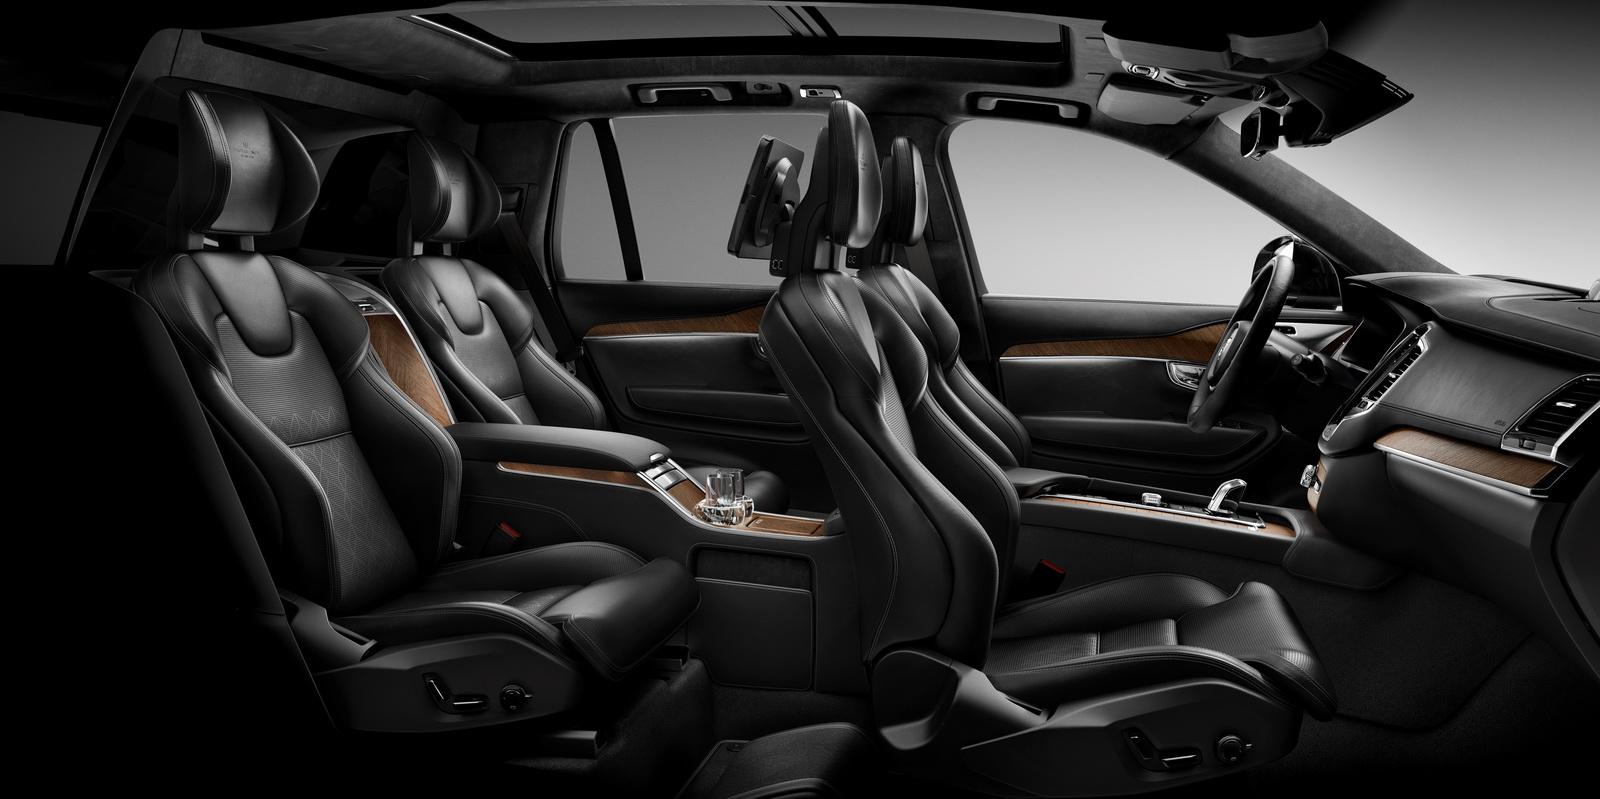 Volvo XC90 Excellence 2016 đẹp rụng rời với bộ ảnh mới nhất